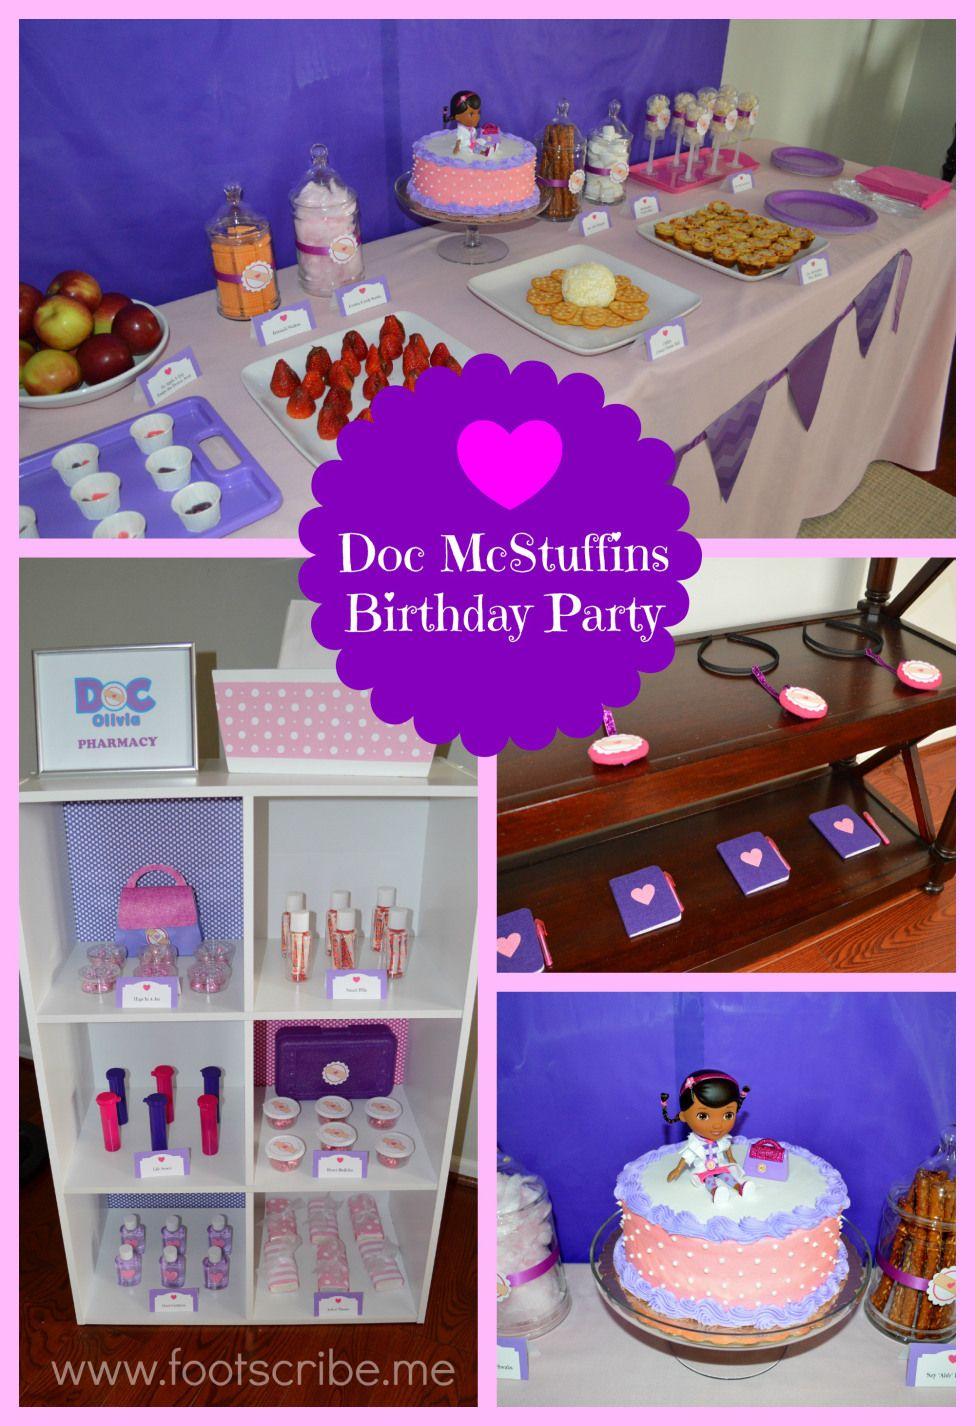 Doc Mcstuffins Children S Birthday Party Ideas Doc Mcstuffins